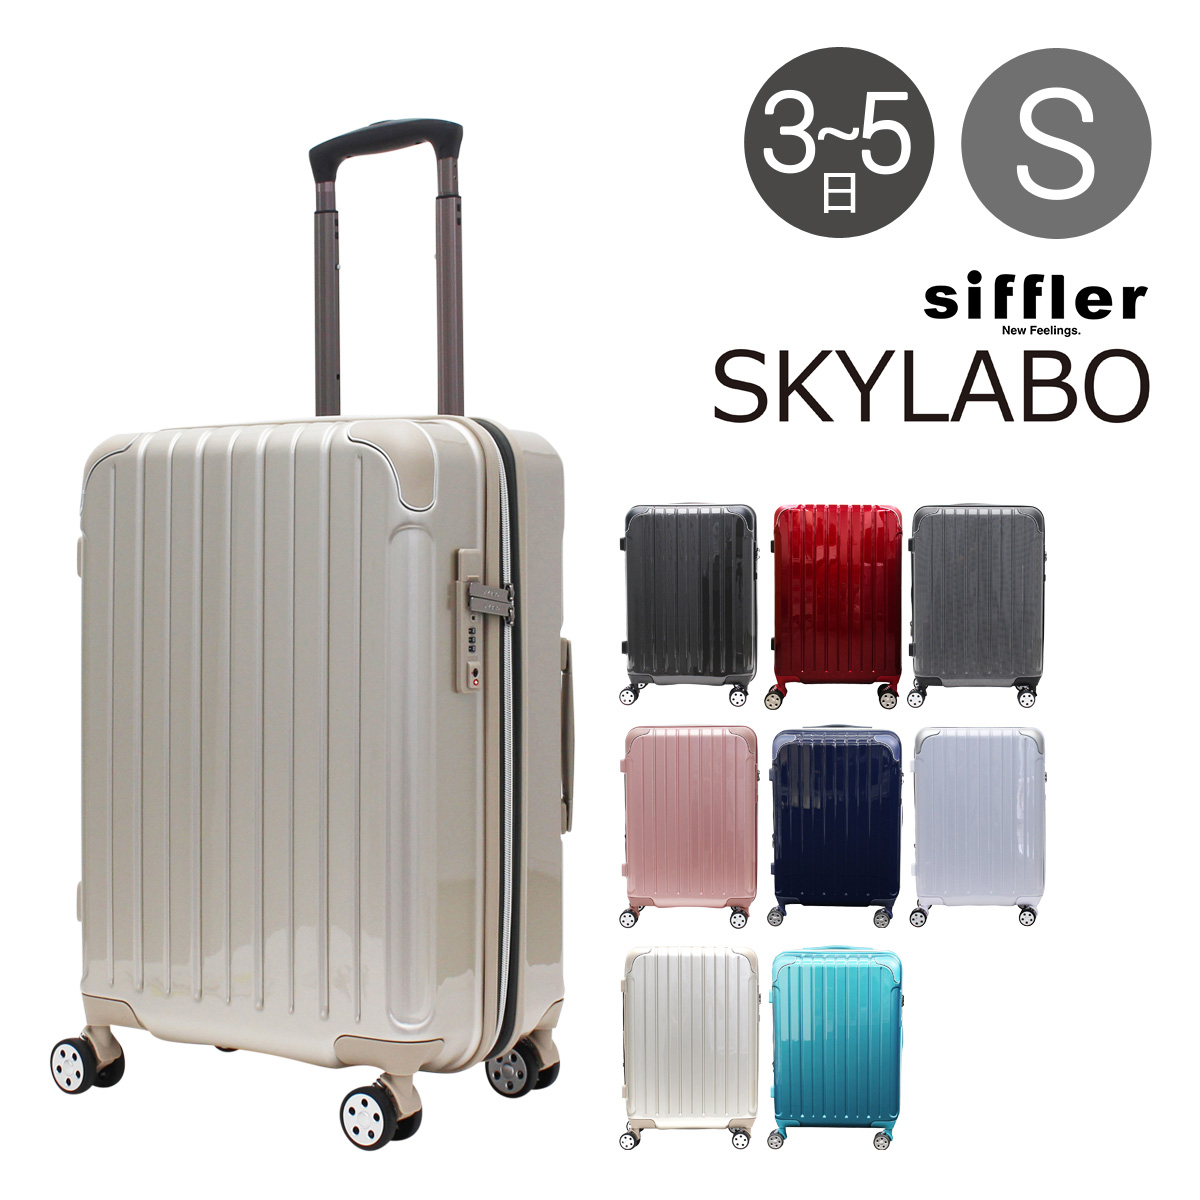 シフレ スーツケース 53L 53cm 3.6kg スカイラボ SKY2145-53|拡張 ハード ファスナー Siffler|TSAロック搭載 キャリーバッグ キャリーケース[PO10][bef]